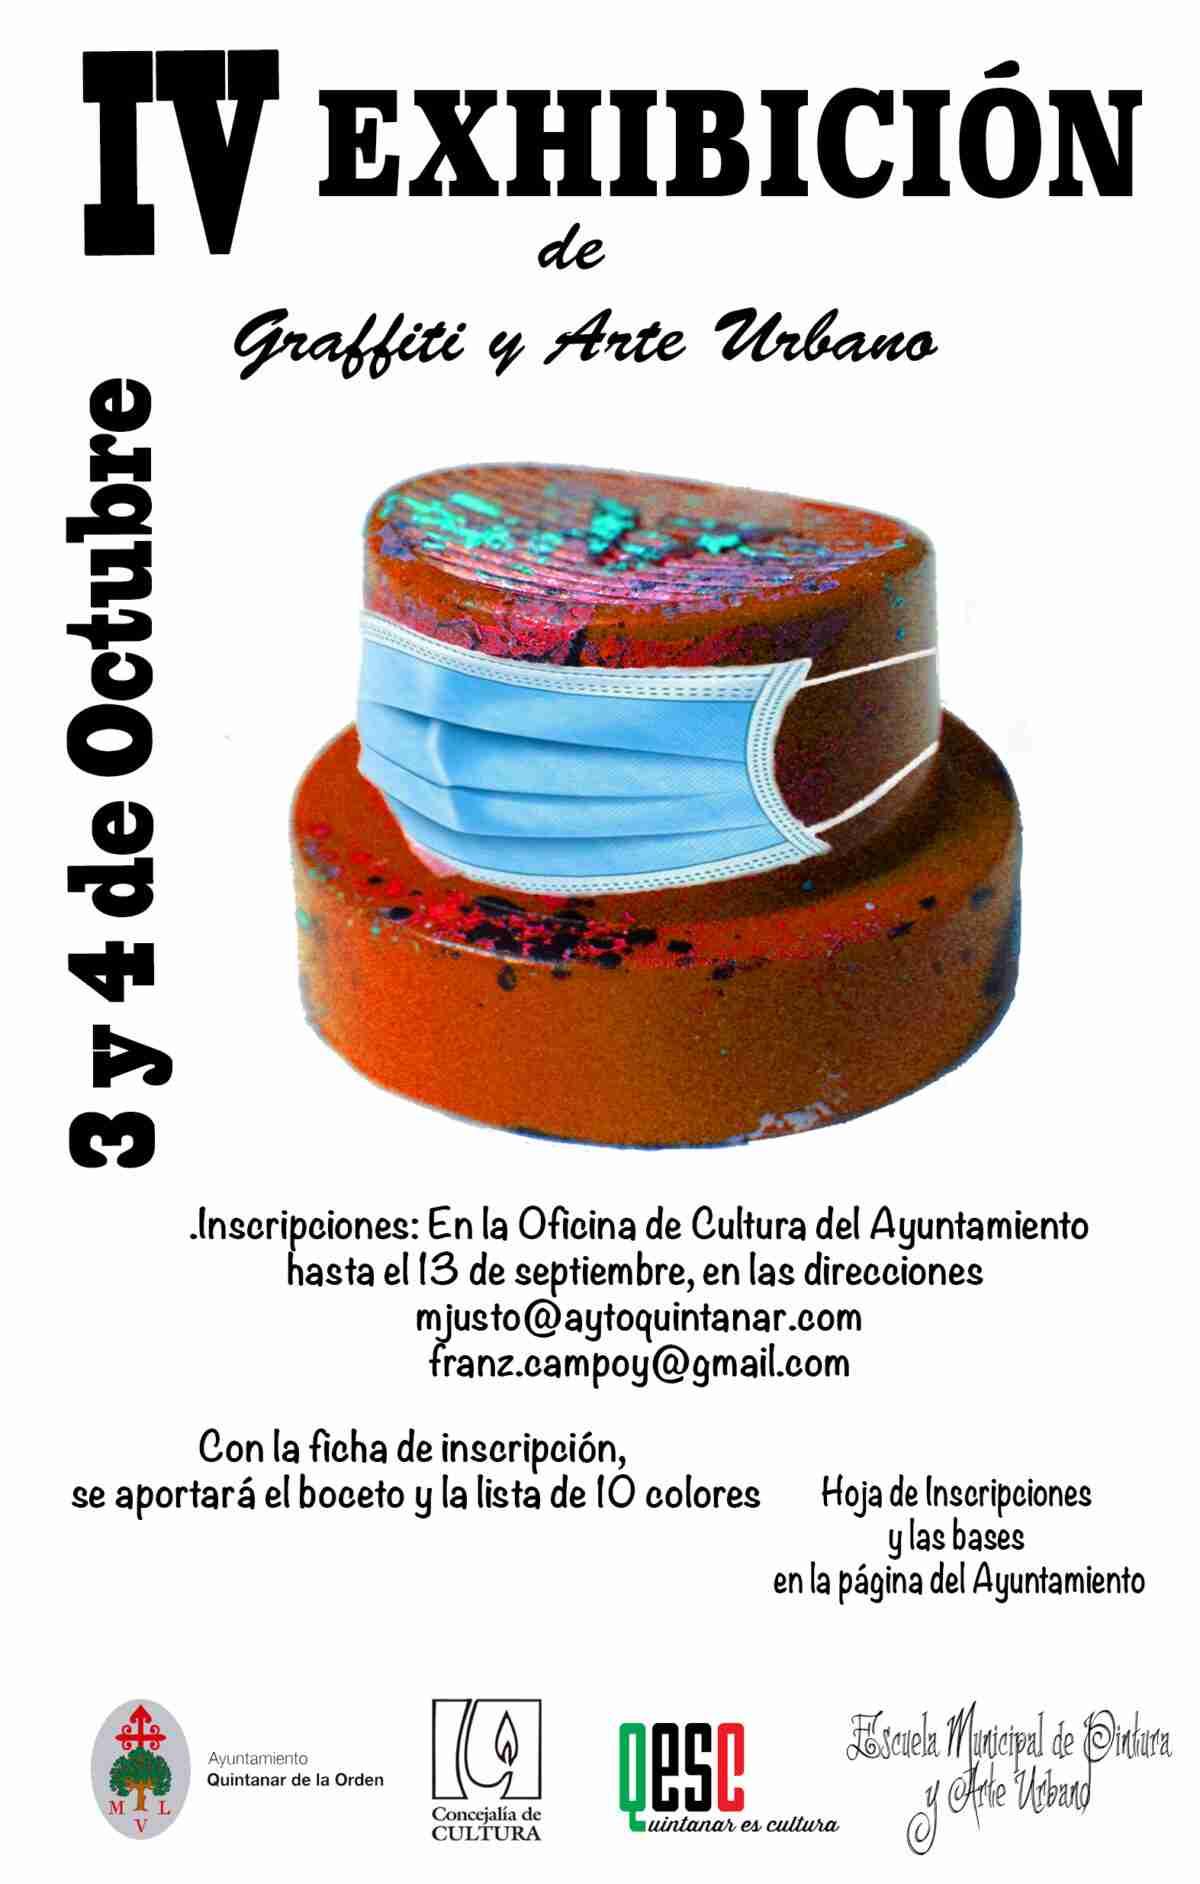 Ayuntamiento y Escuela de Pintura convocan a la IV Exhibición de Graffiti y Arte Urbano 1